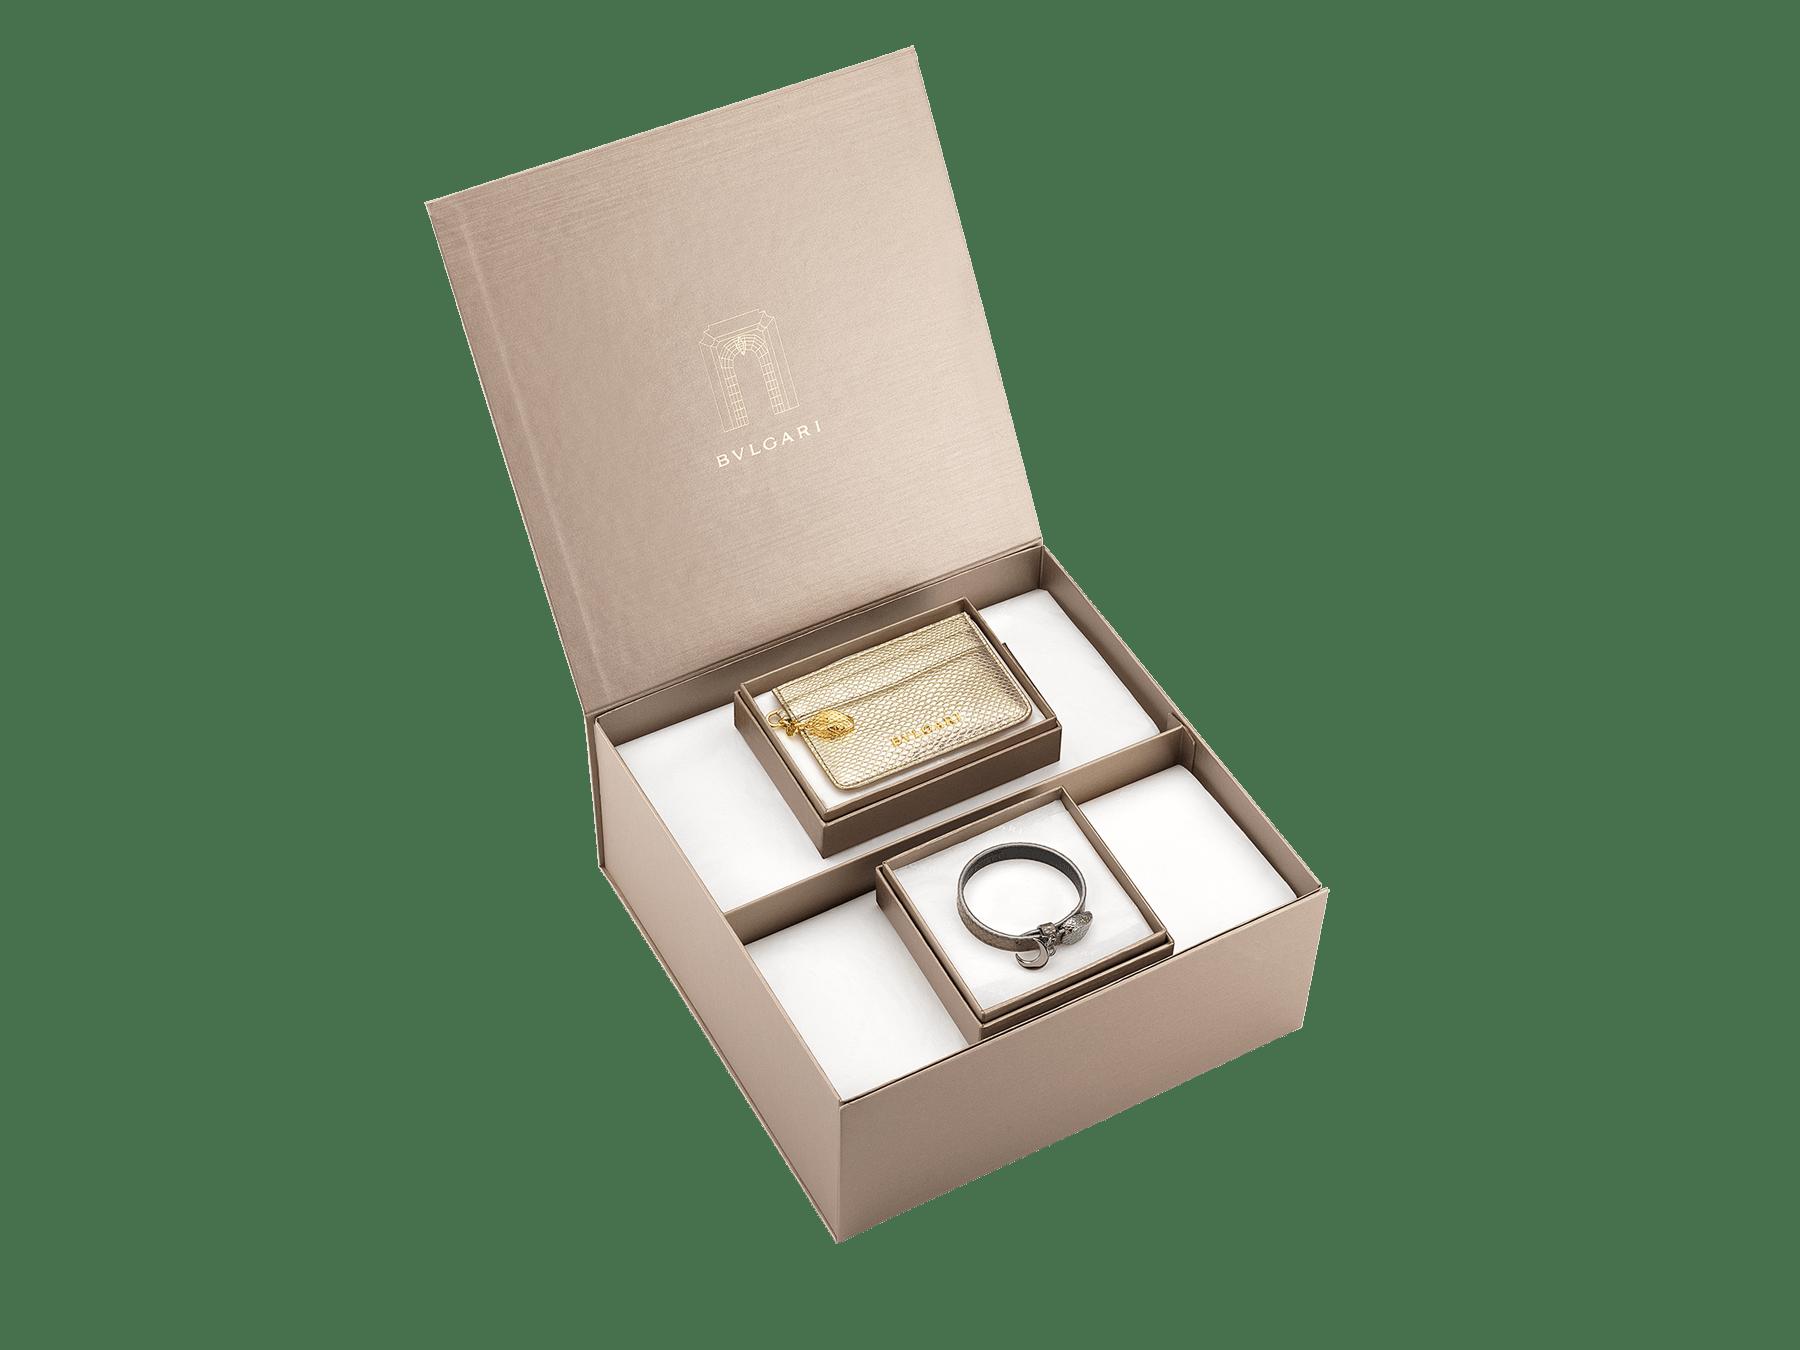 """سوار «سيربنتي فورايفر» من جلد ثعبان الكارونغ """"مولتن"""" باللون الذهبي. قفل رأس ثعبان سيربنتي الجديد من النحاس المطلي بالذهب، تزينه عينان من المينا الأحمر وتعليقة بشكل هلال. BRACLT-SERPENTIU-MK image 3"""